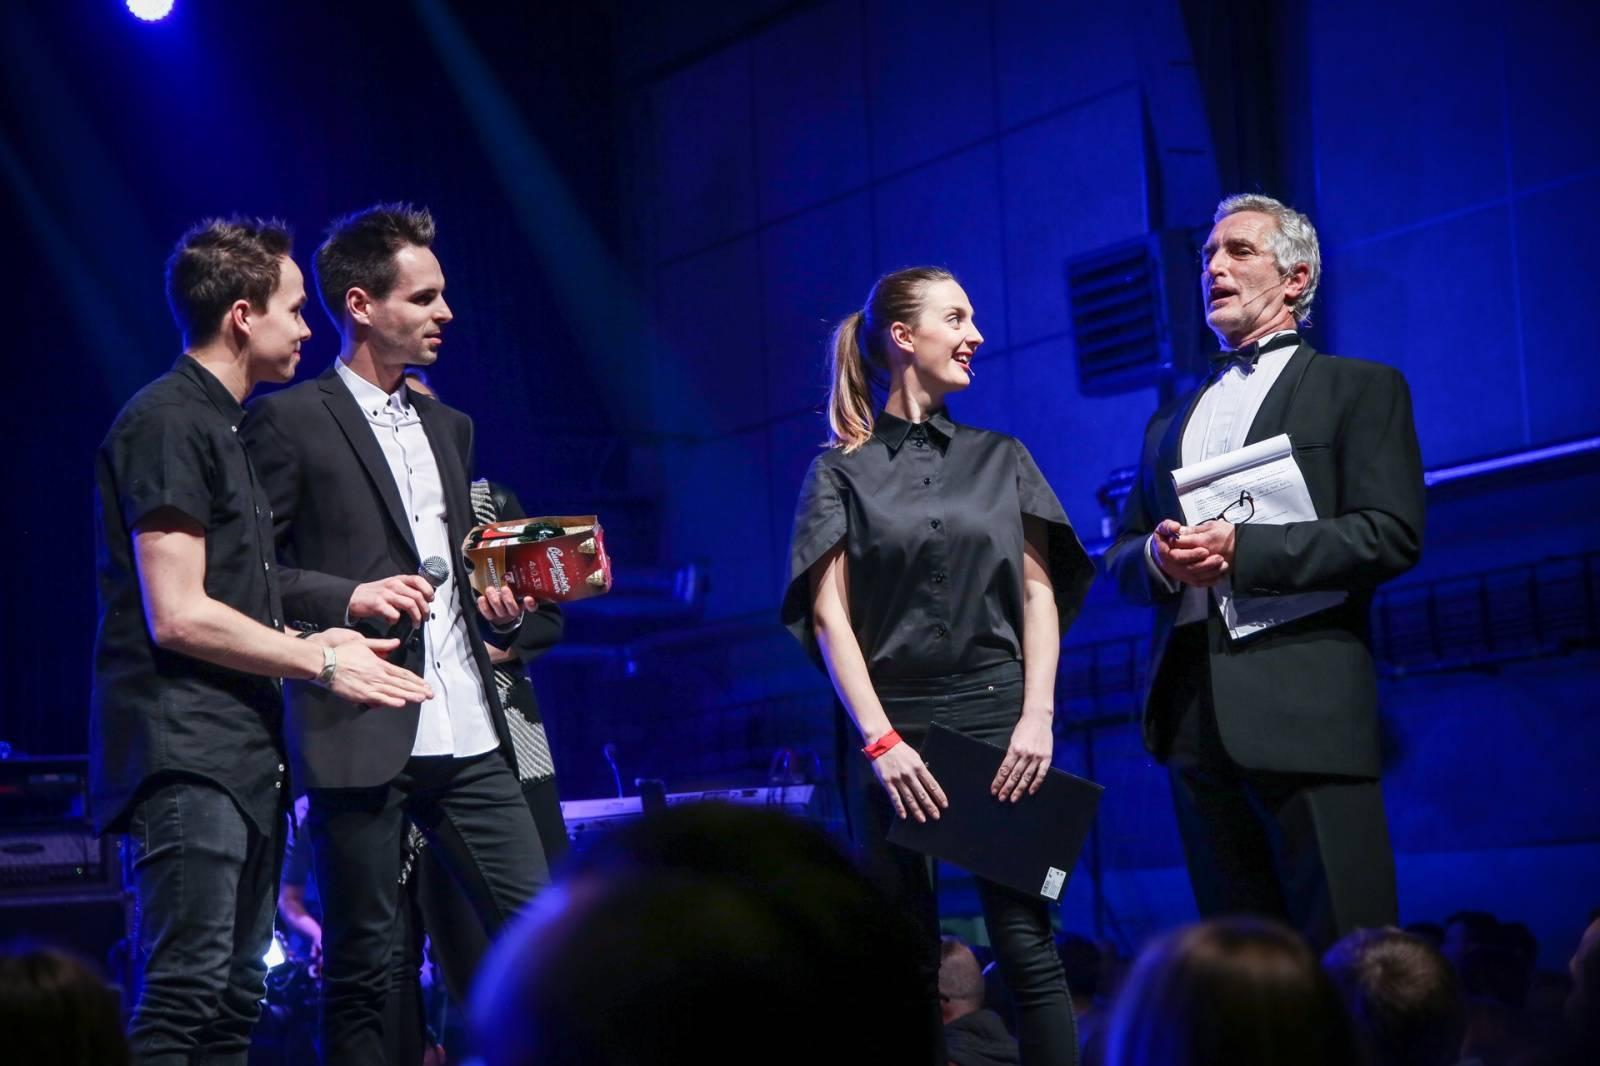 VIDEOROZHOVOR: Slza: Na turné si s námi budou moci fanoušci zazpívat na pódiu